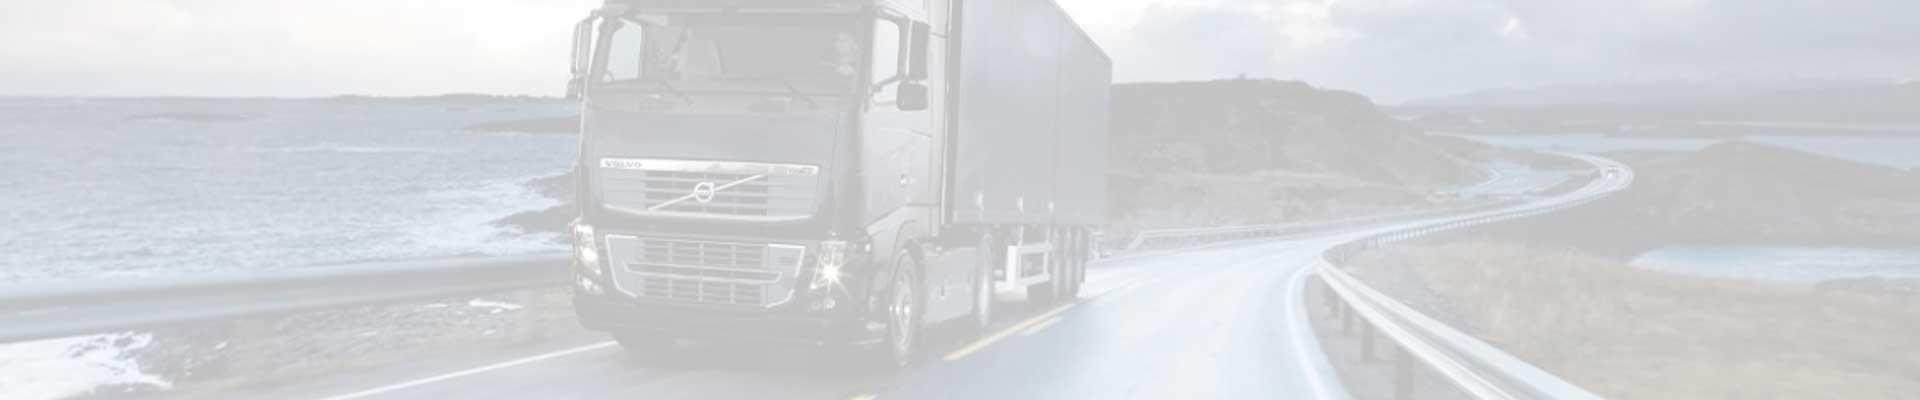 slide1_bg_truck